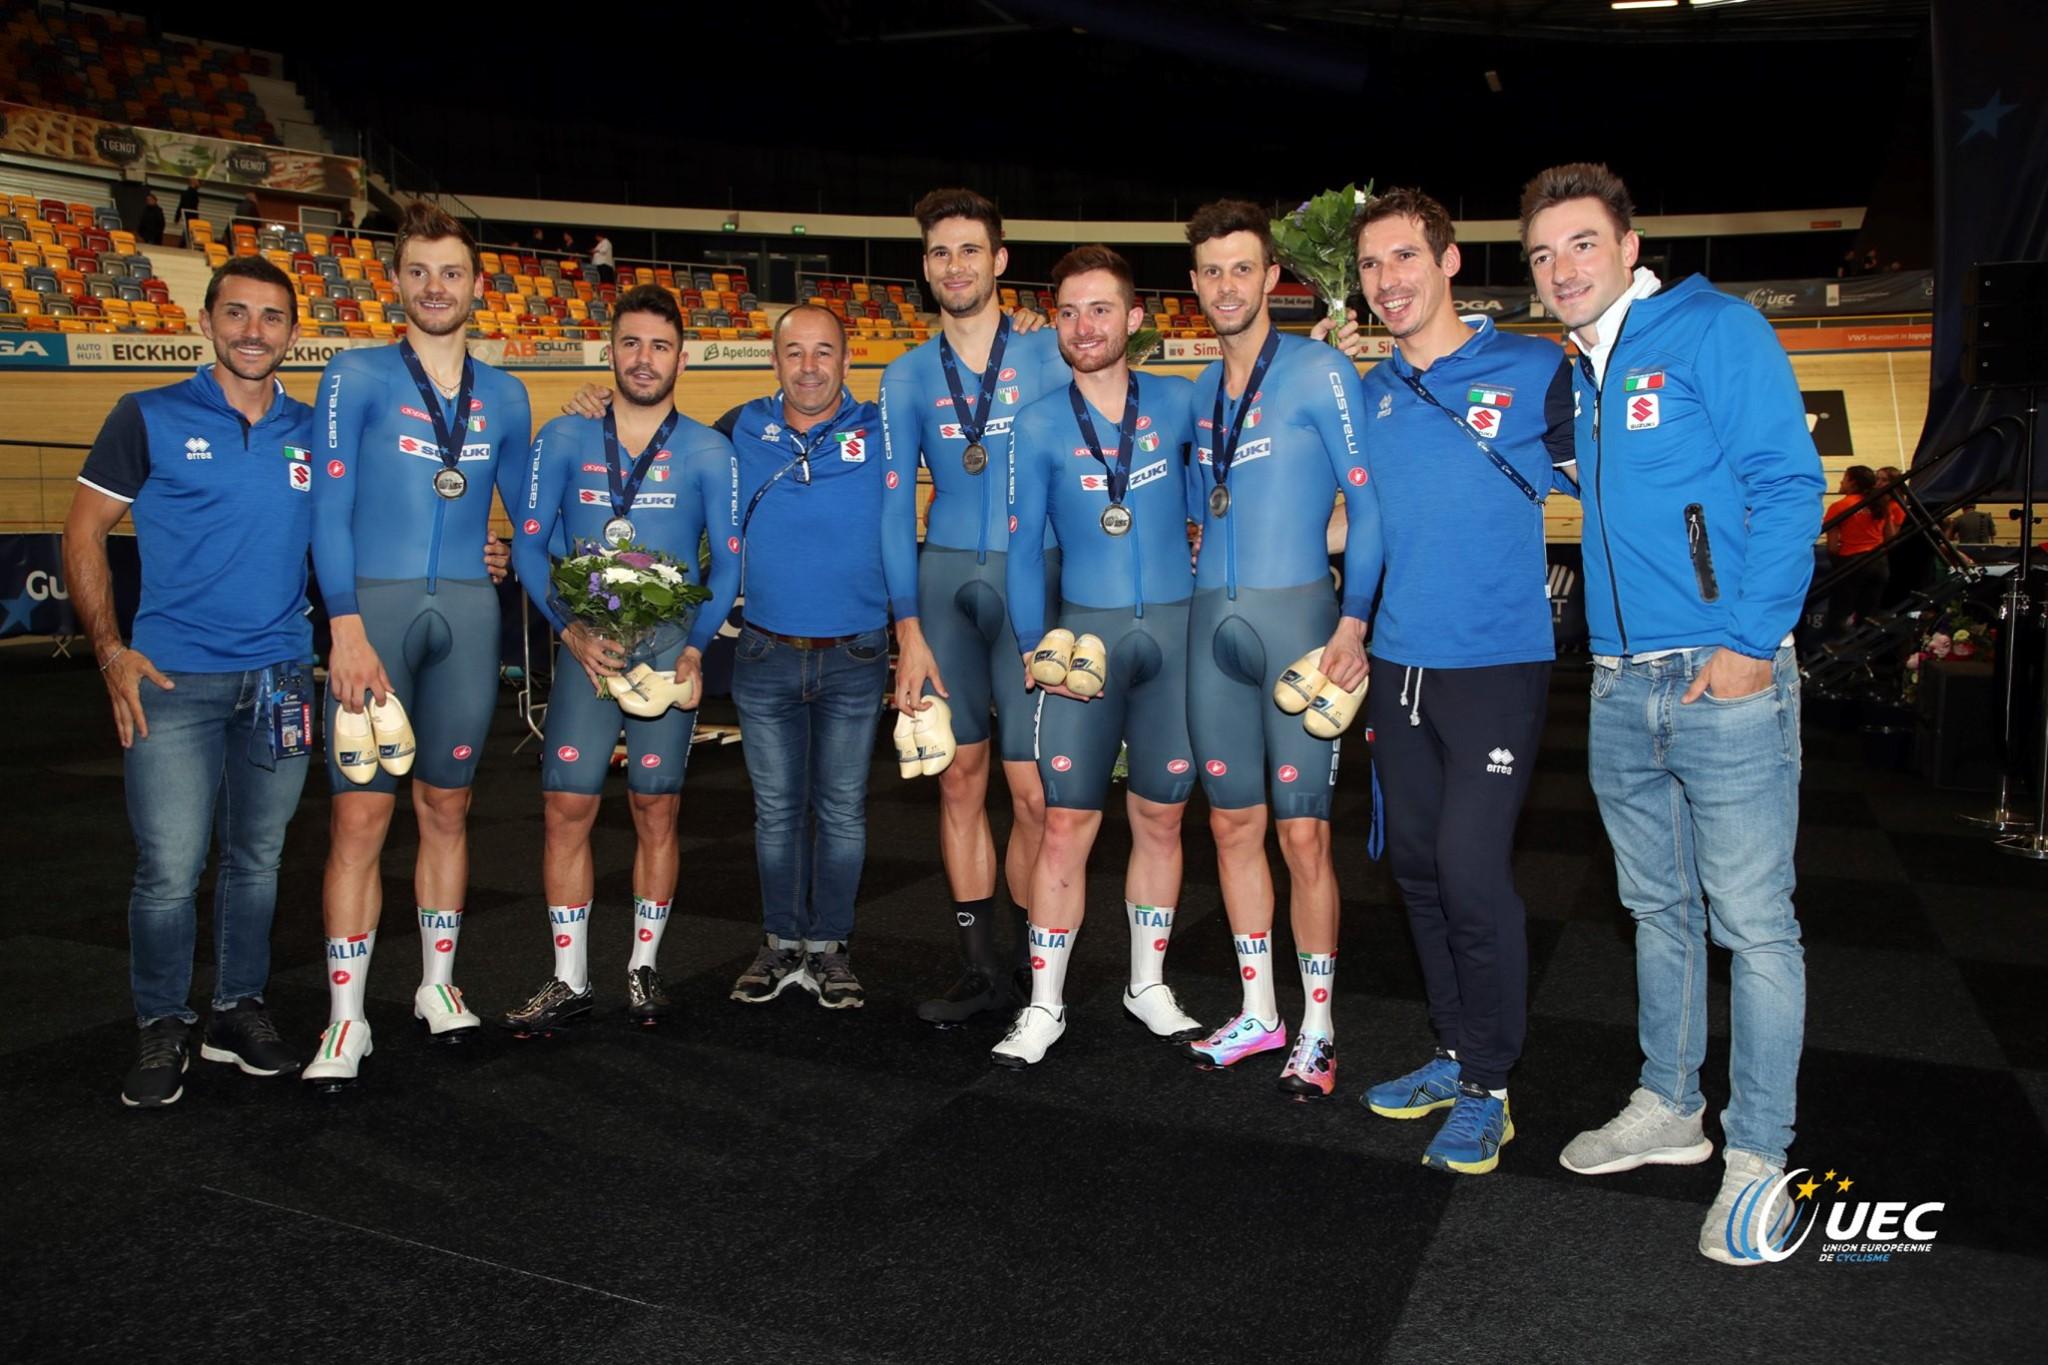 Gli azzurri del CT Marco Villa festeggiano la medaglia d'argento europea nell'Inseguimento a squadre (foto UEC/BettiniPhoto)